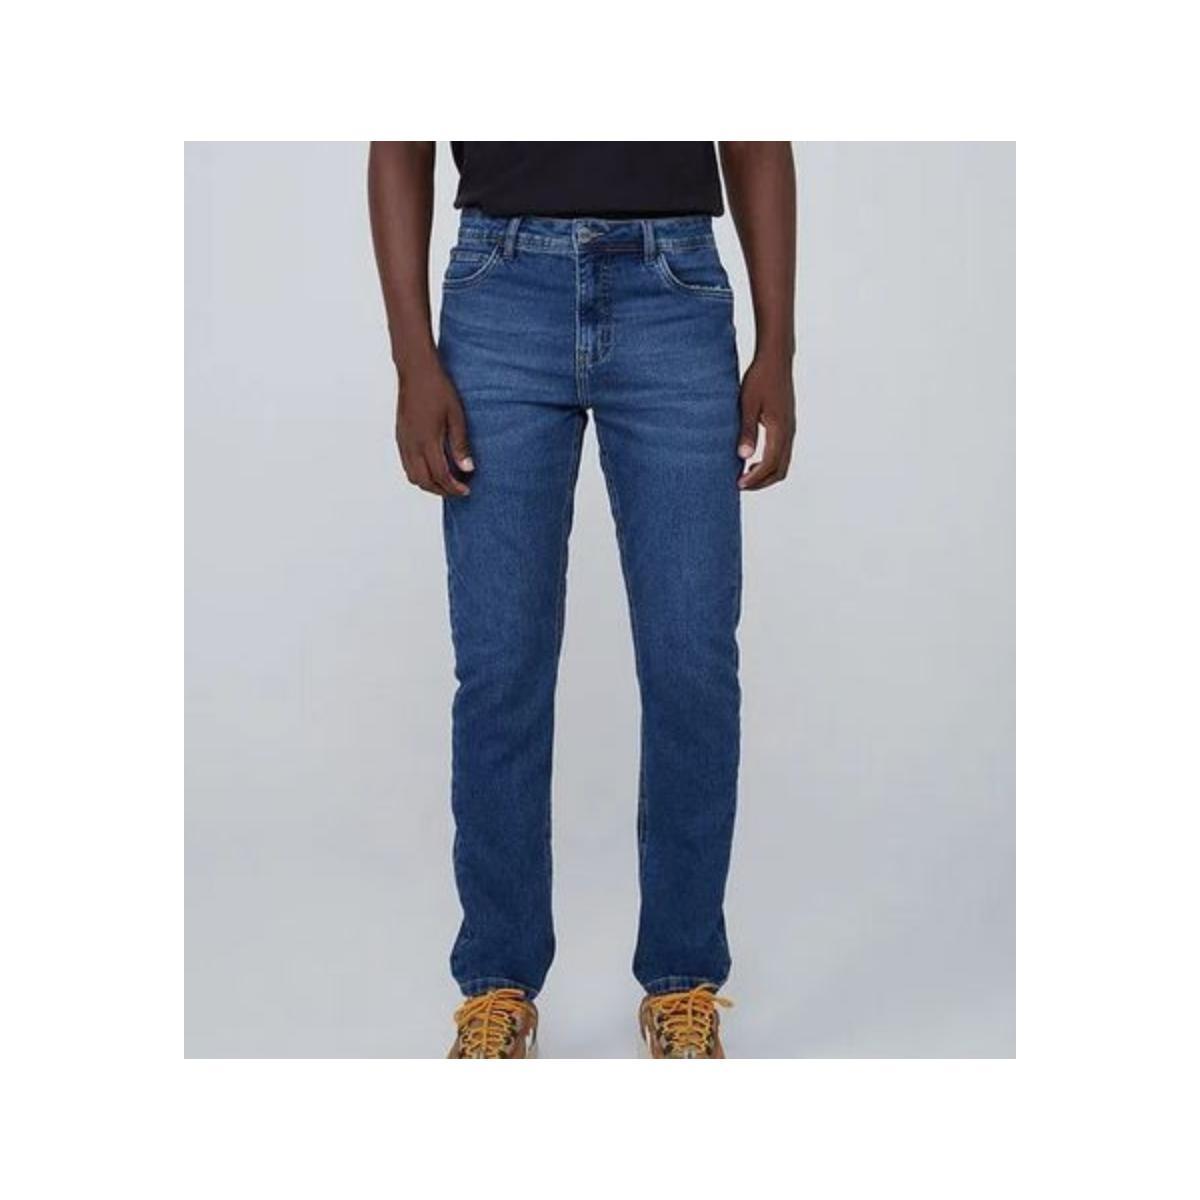 Calça Masculina Dzarm Zu67 1bsn Jeans Escuro